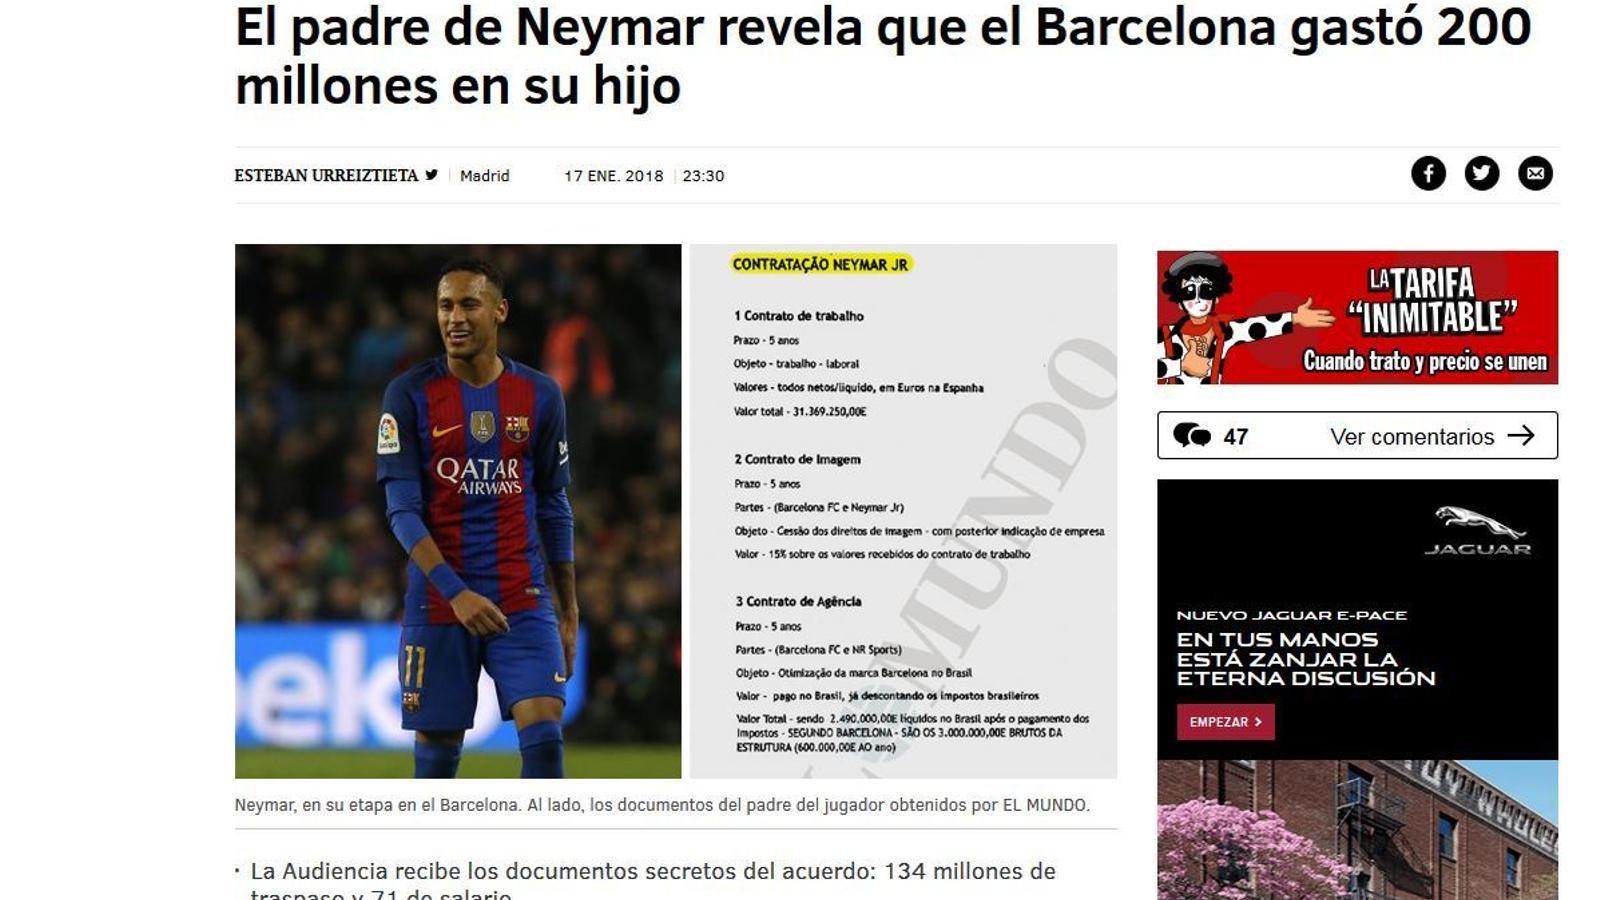 Informació de 'El Mundo' sobre el fitxatge de Neymar pel Barça